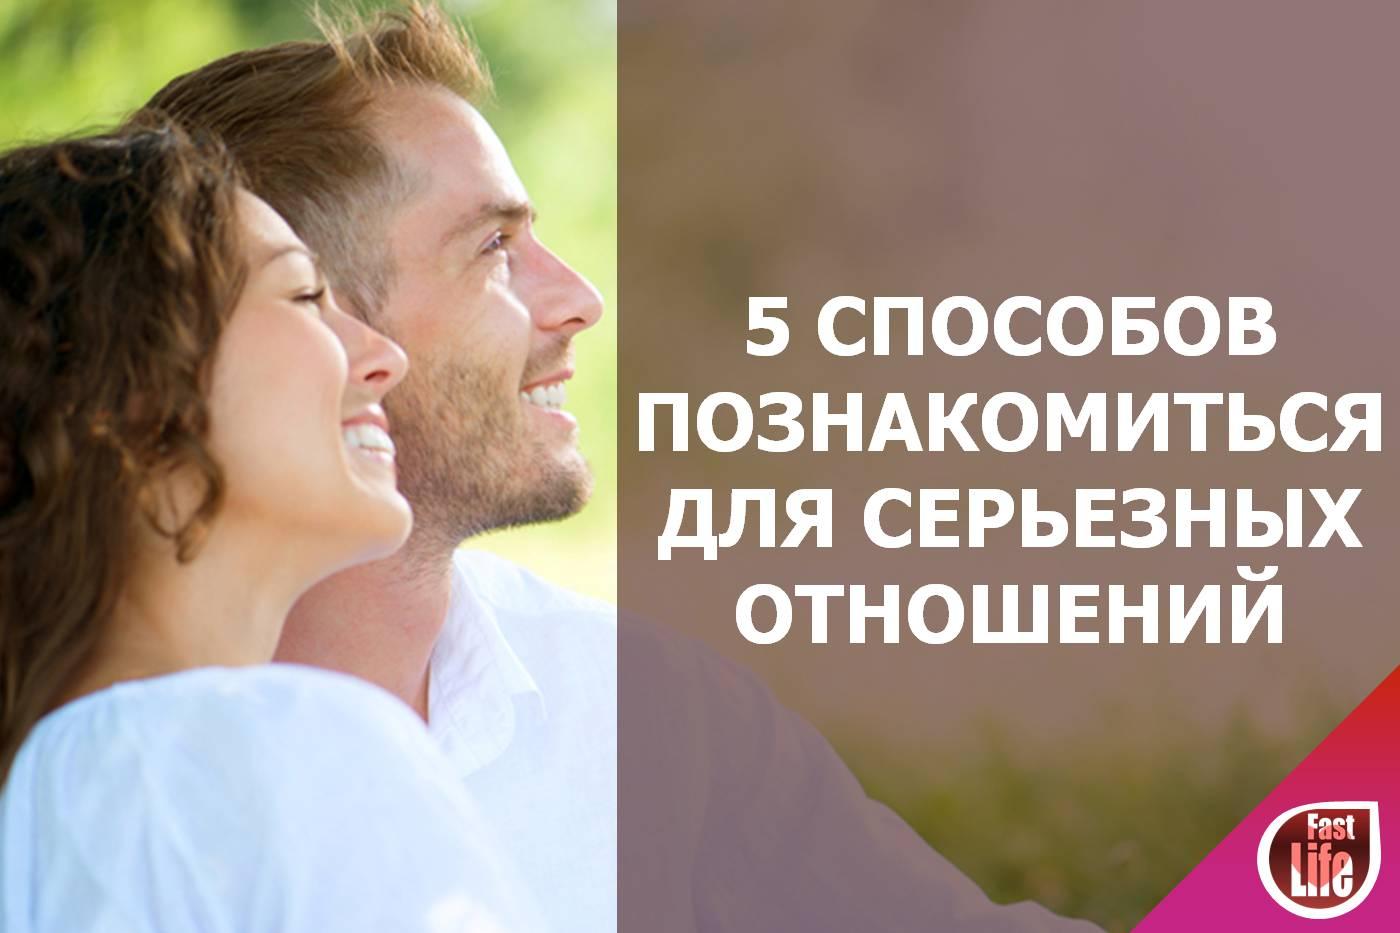 Для отношений знакомств серьёзных